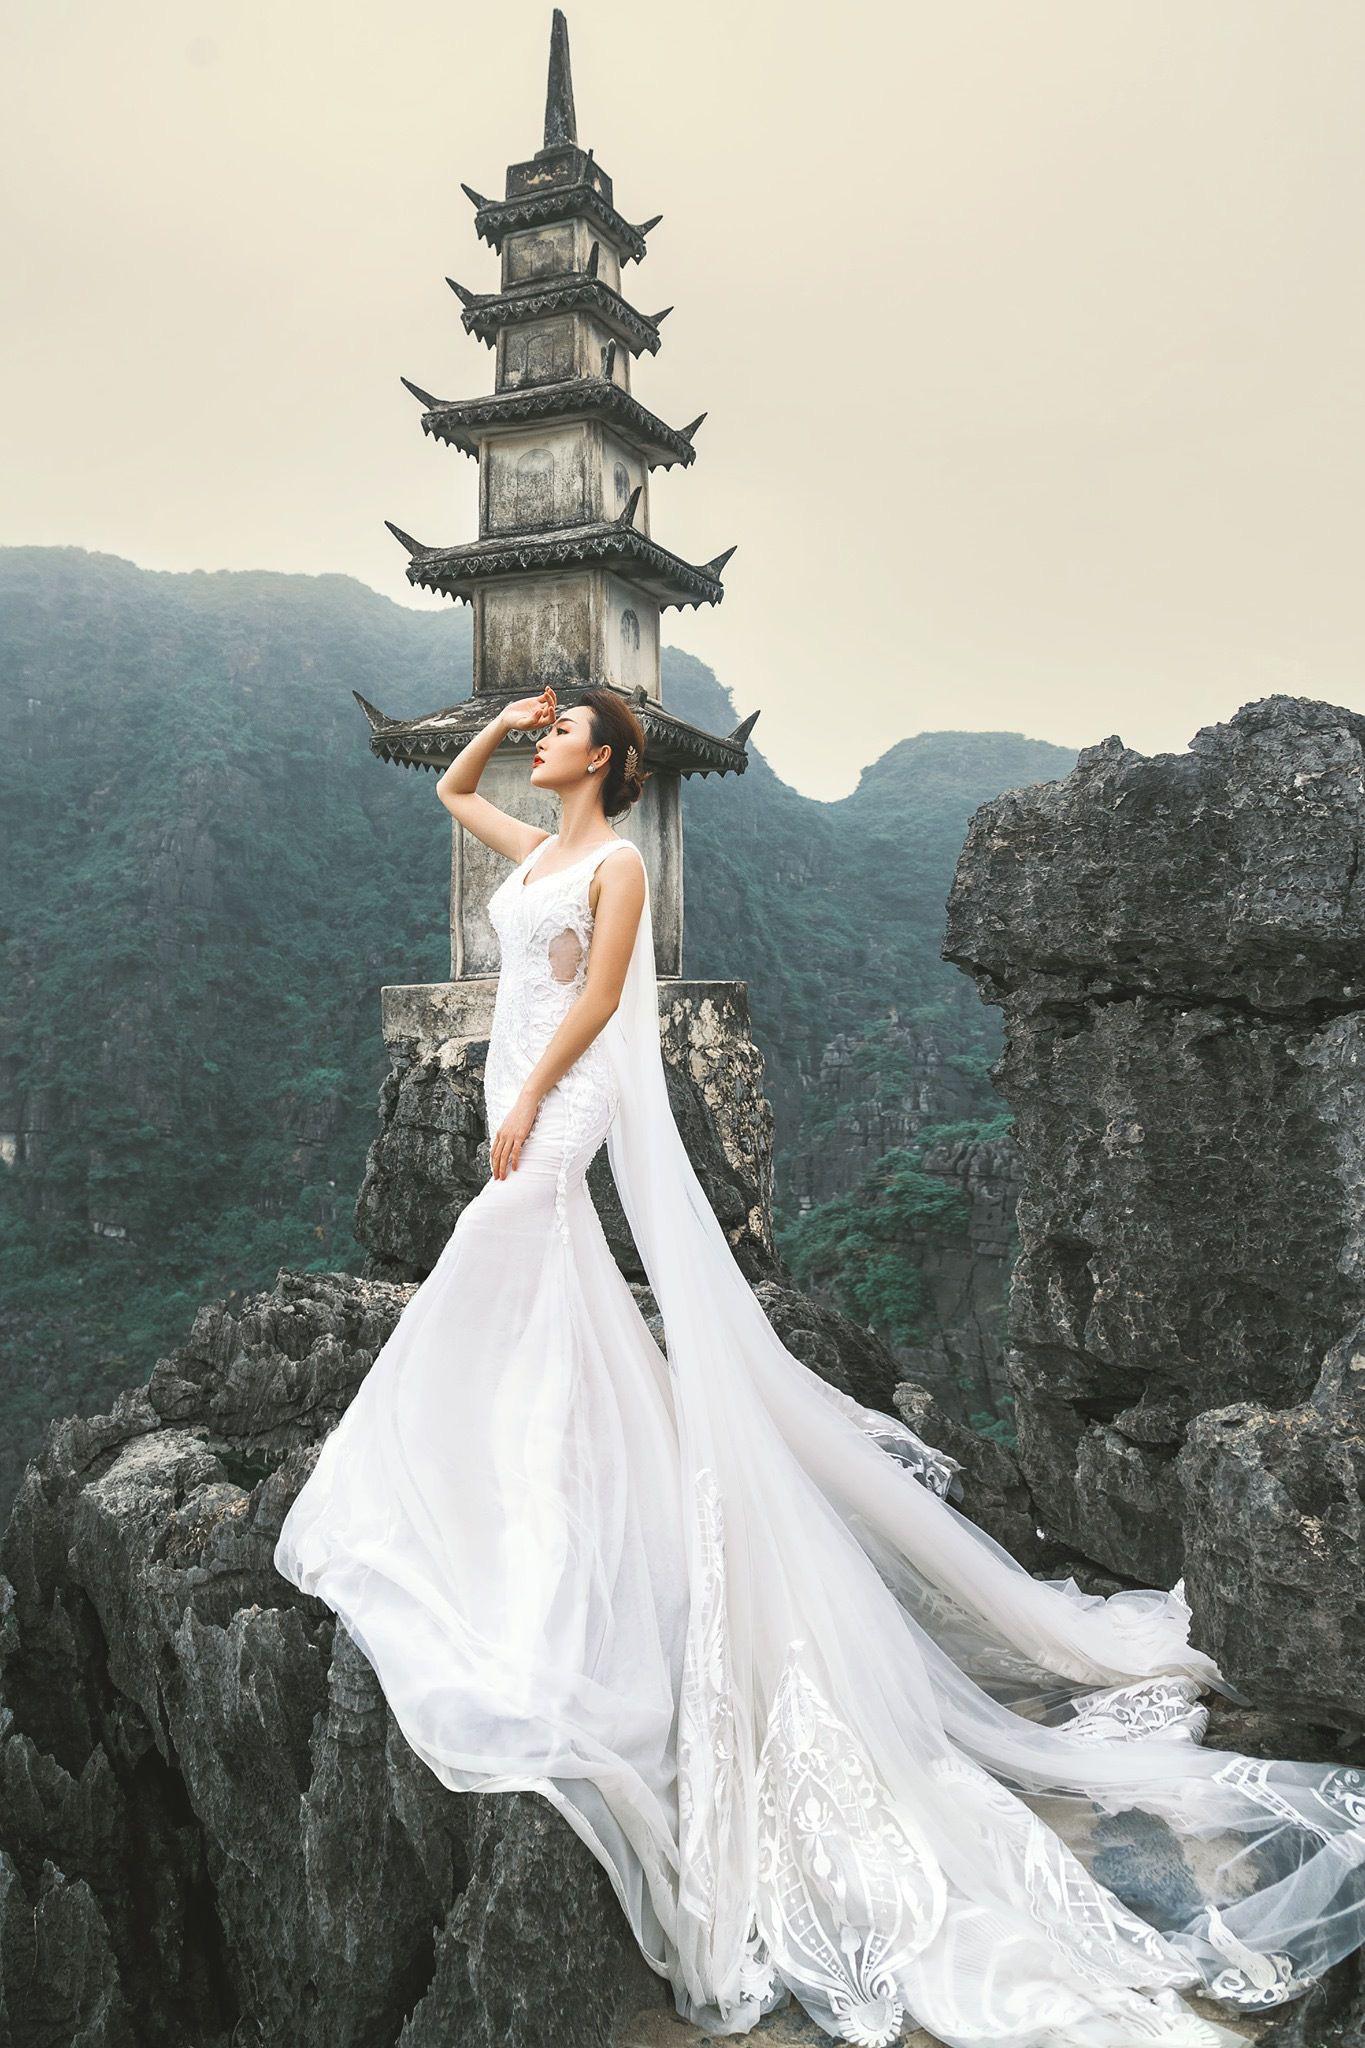 Hai danh thắng Việt Nam gây ấn tượng mạnh trên sóng truyền hình Hàn Quốc - Ảnh 5.